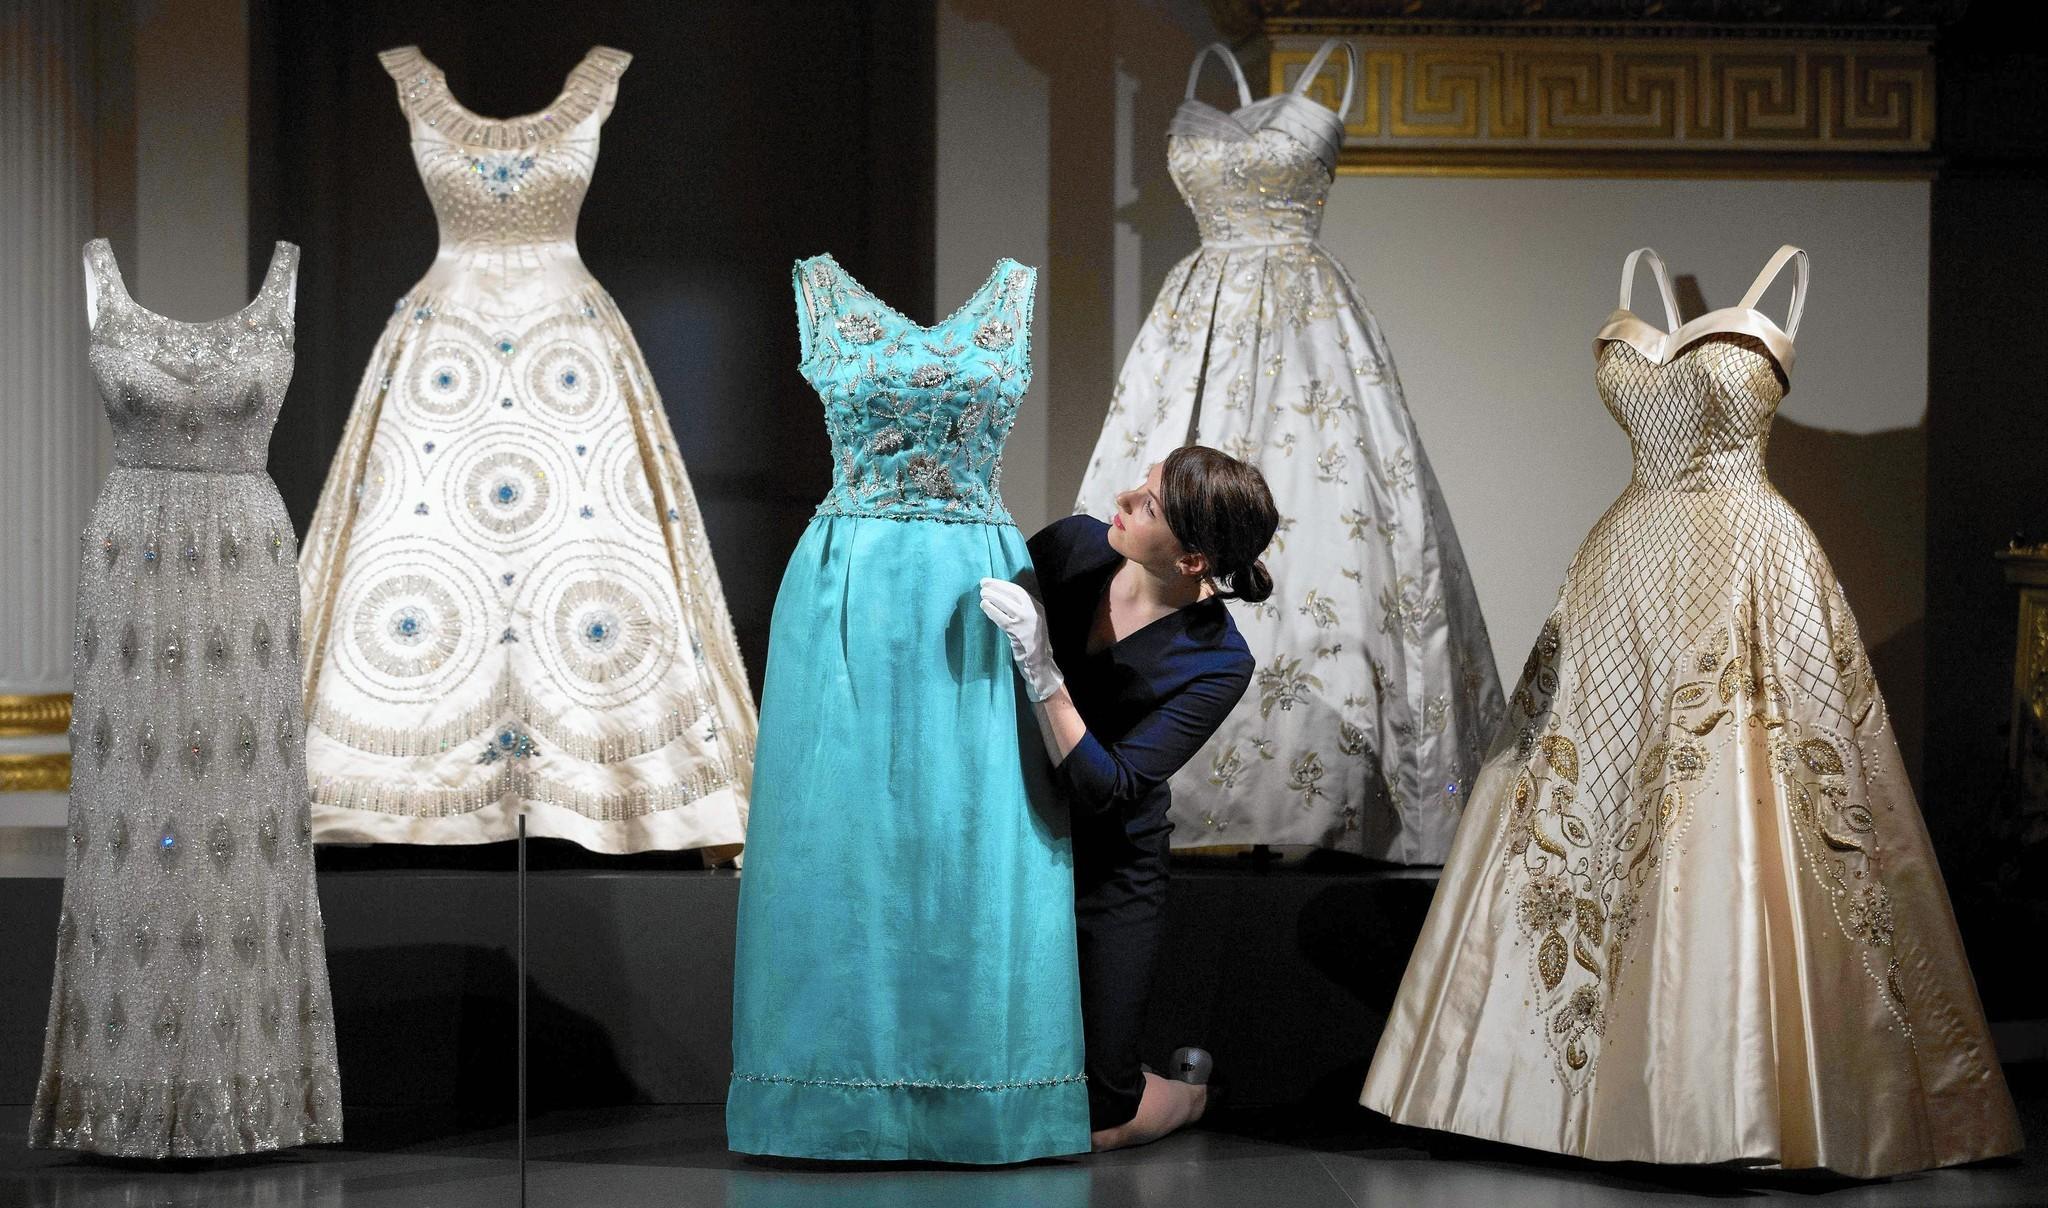 Queen Elizabeth II\'s dresses on display - Chicago Tribune